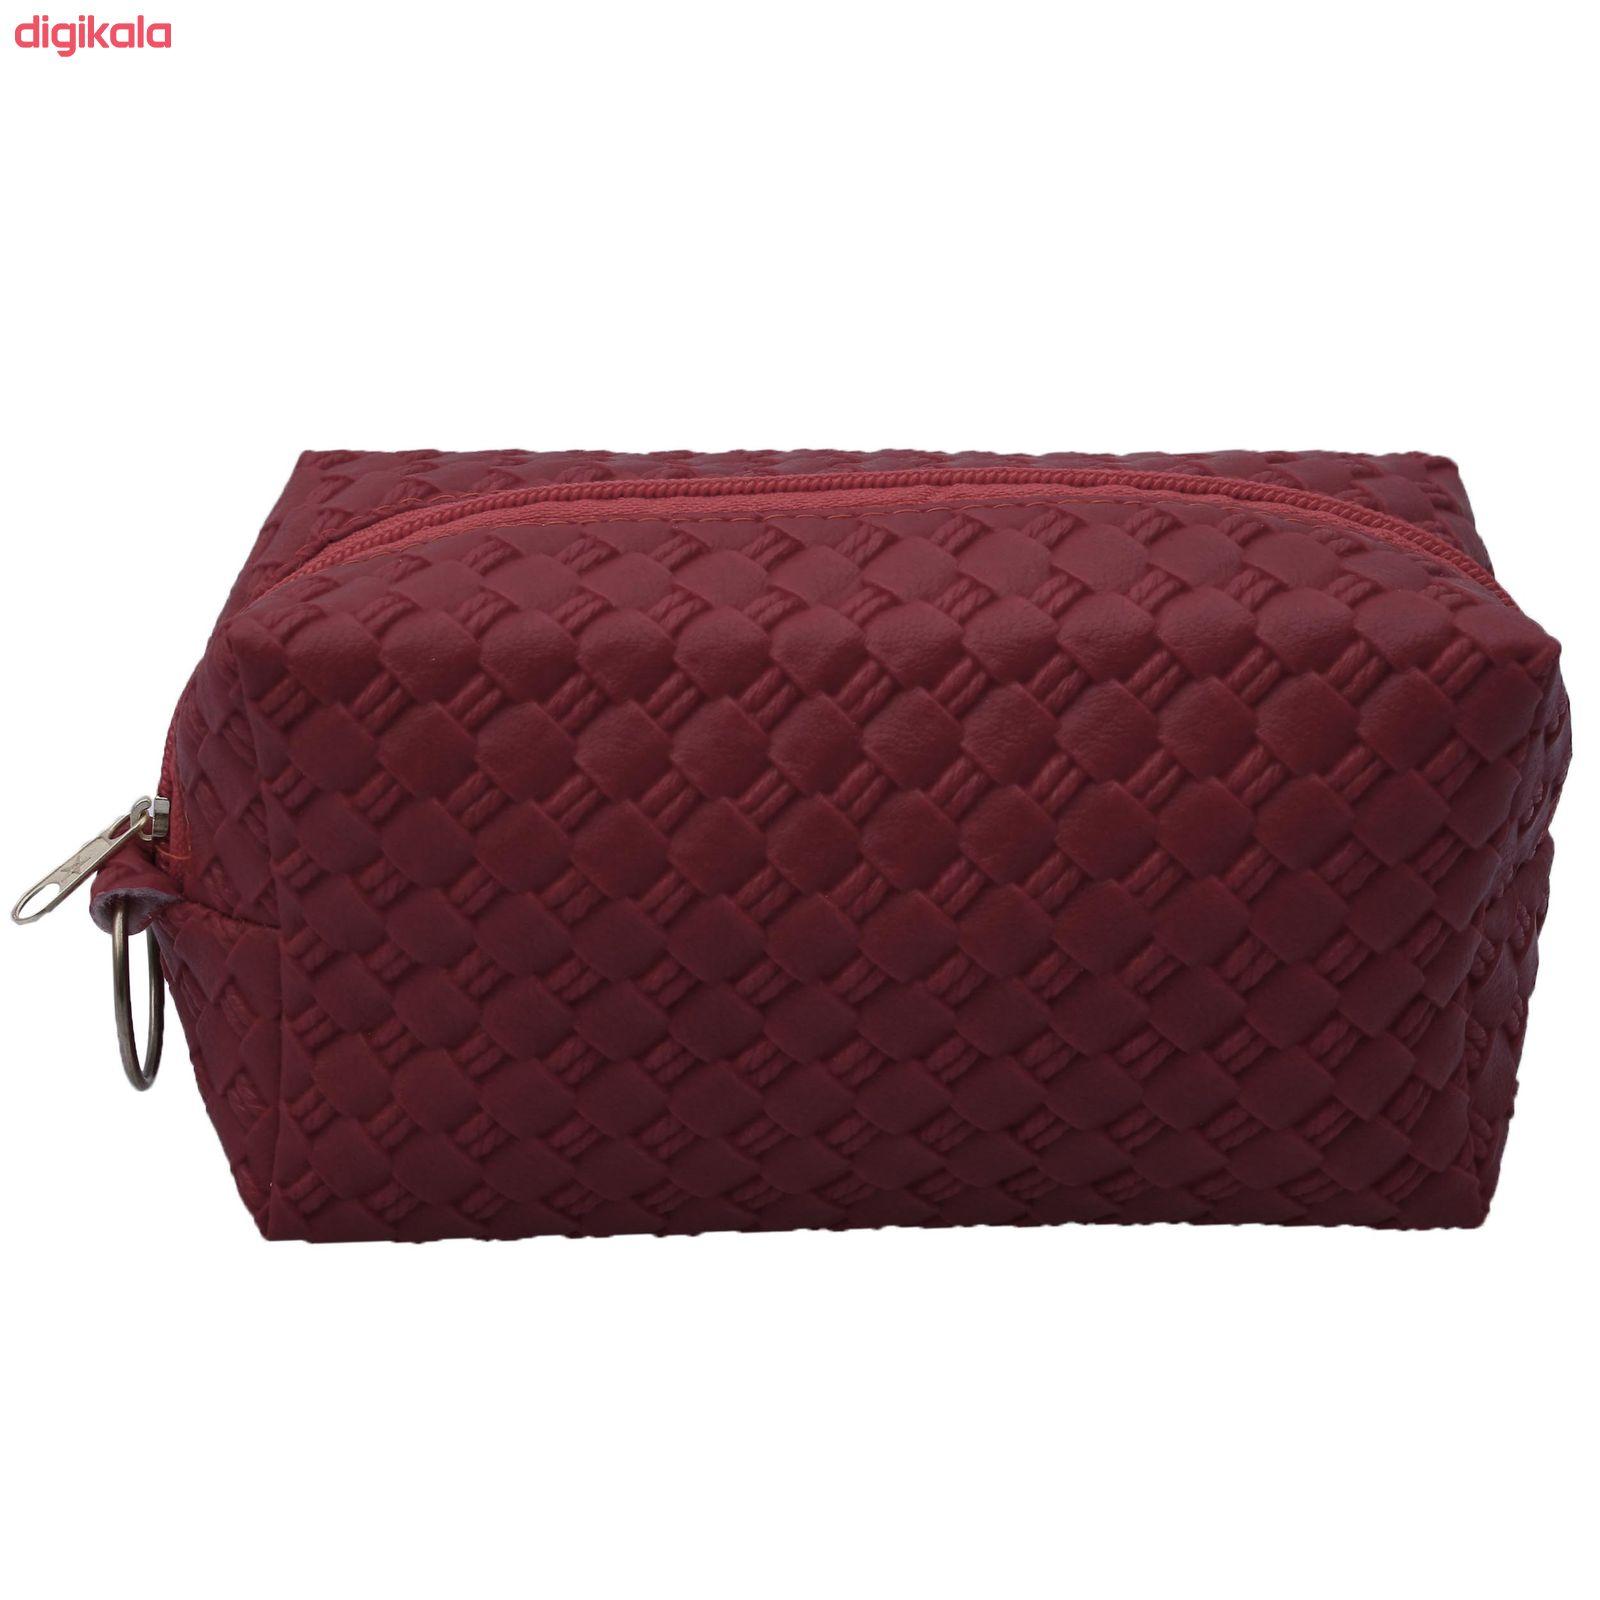 کیف لوازم آرایش کد GT0103 main 1 33